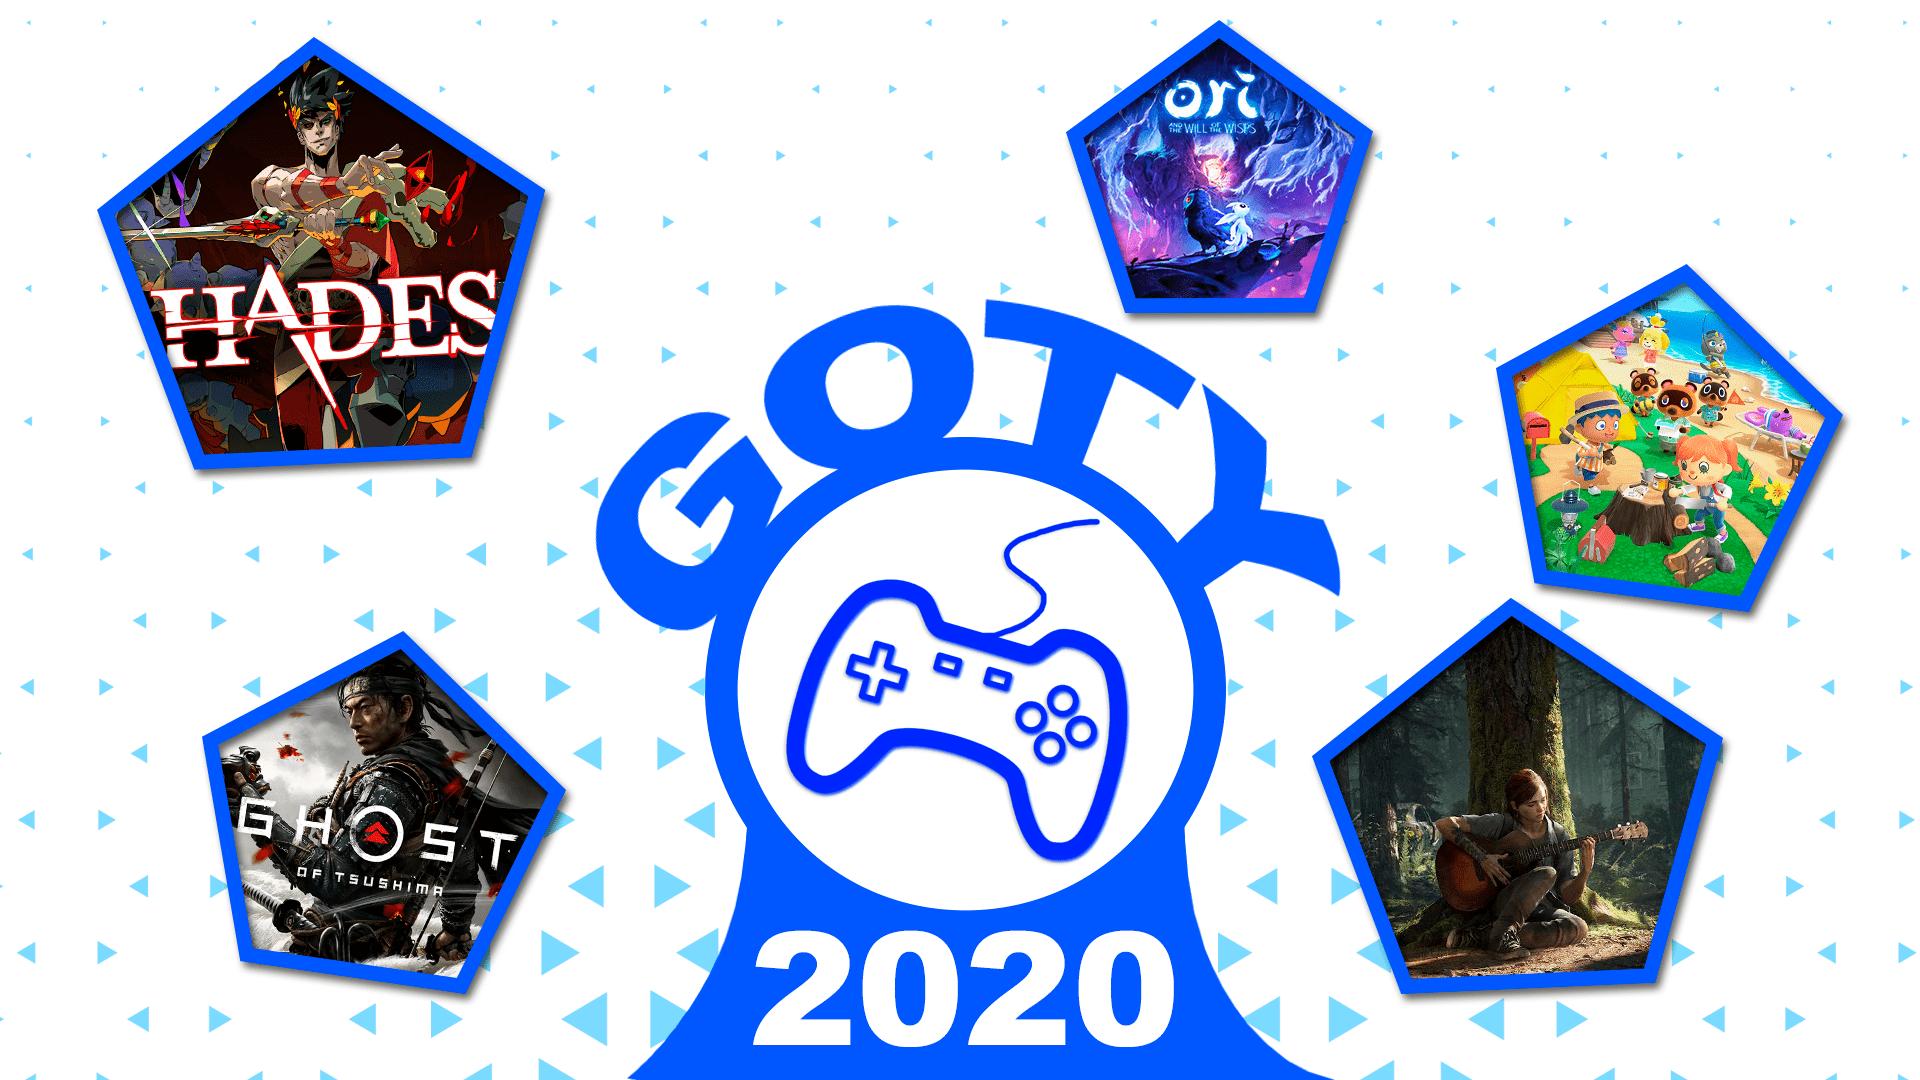 Goty 2020 Juego del Año